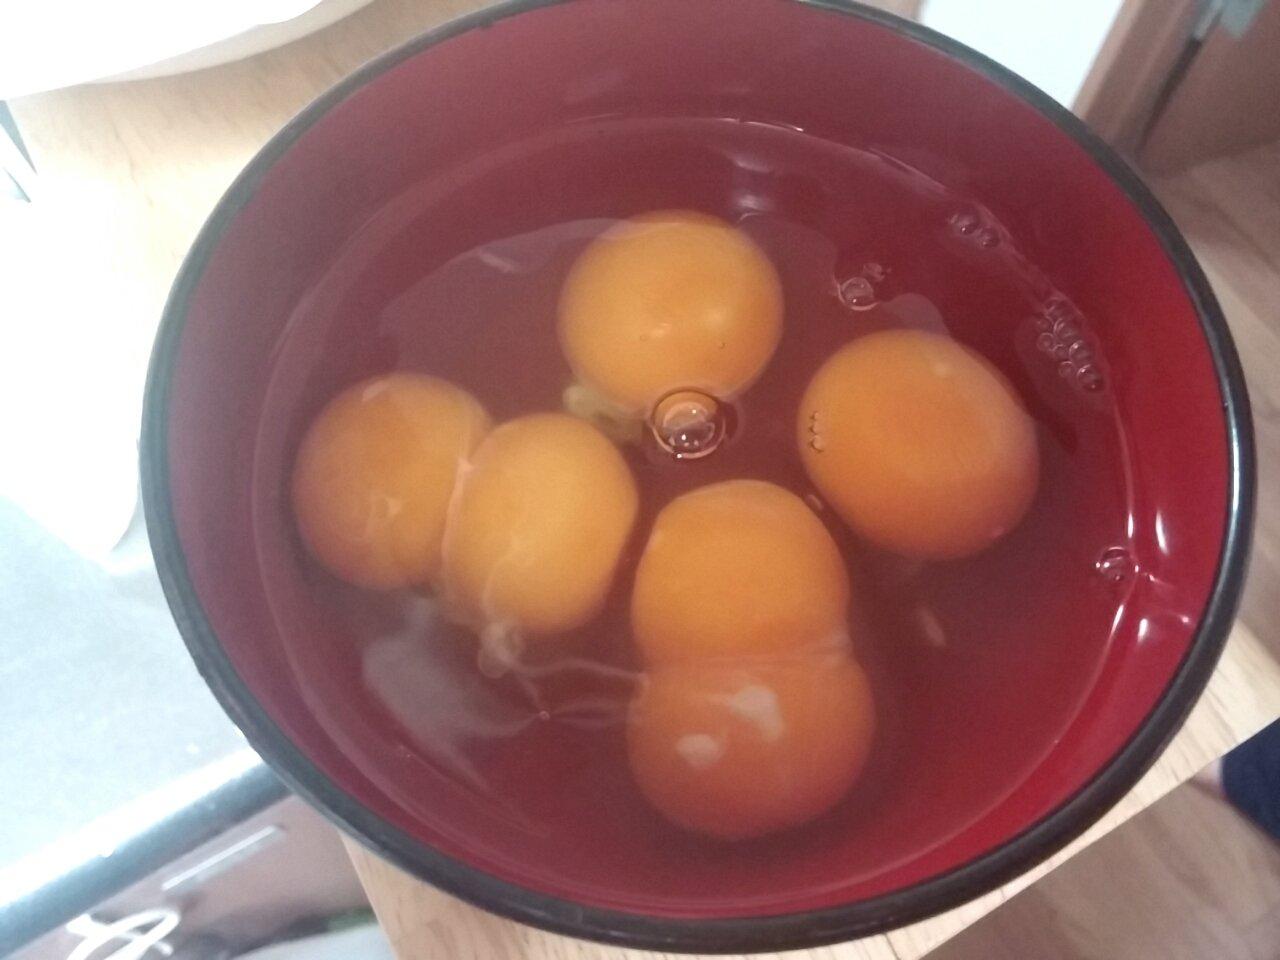 #誰も羨ましがってくれない自慢 めっちゃ双子が出る卵パックに当たったことがある